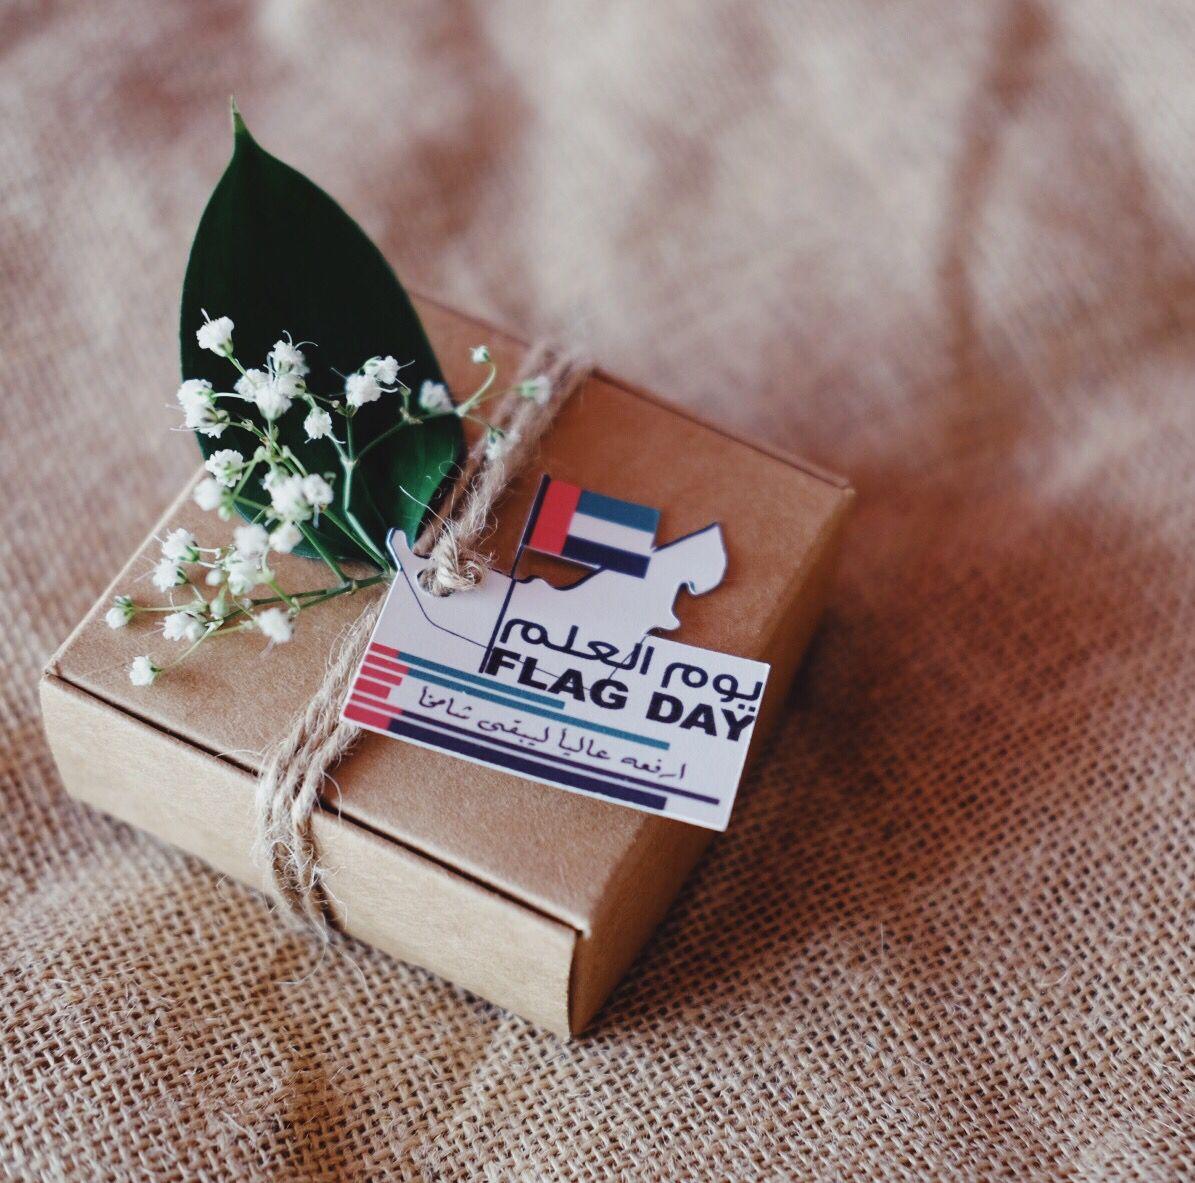 توزيعات العيد الوطني عيد الاتحاد Food Gifts Packaging Uae National Day Gifts